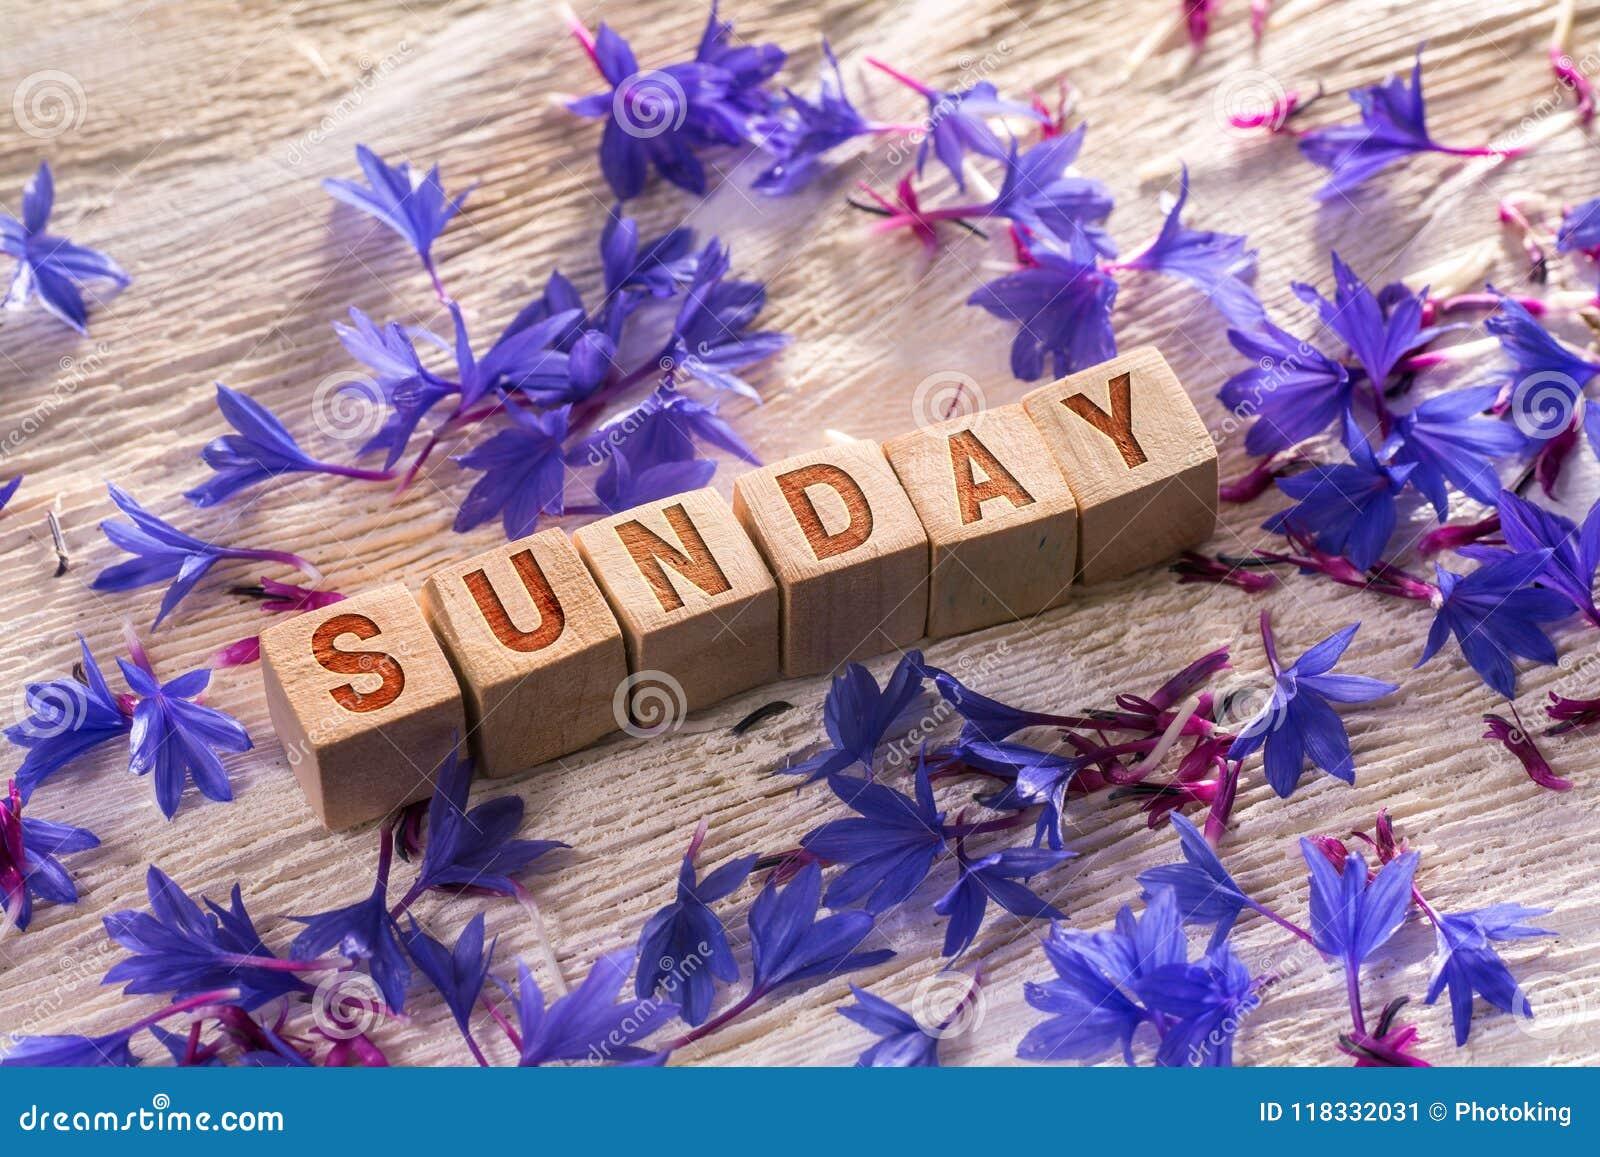 Sonntag auf den hölzernen Würfeln